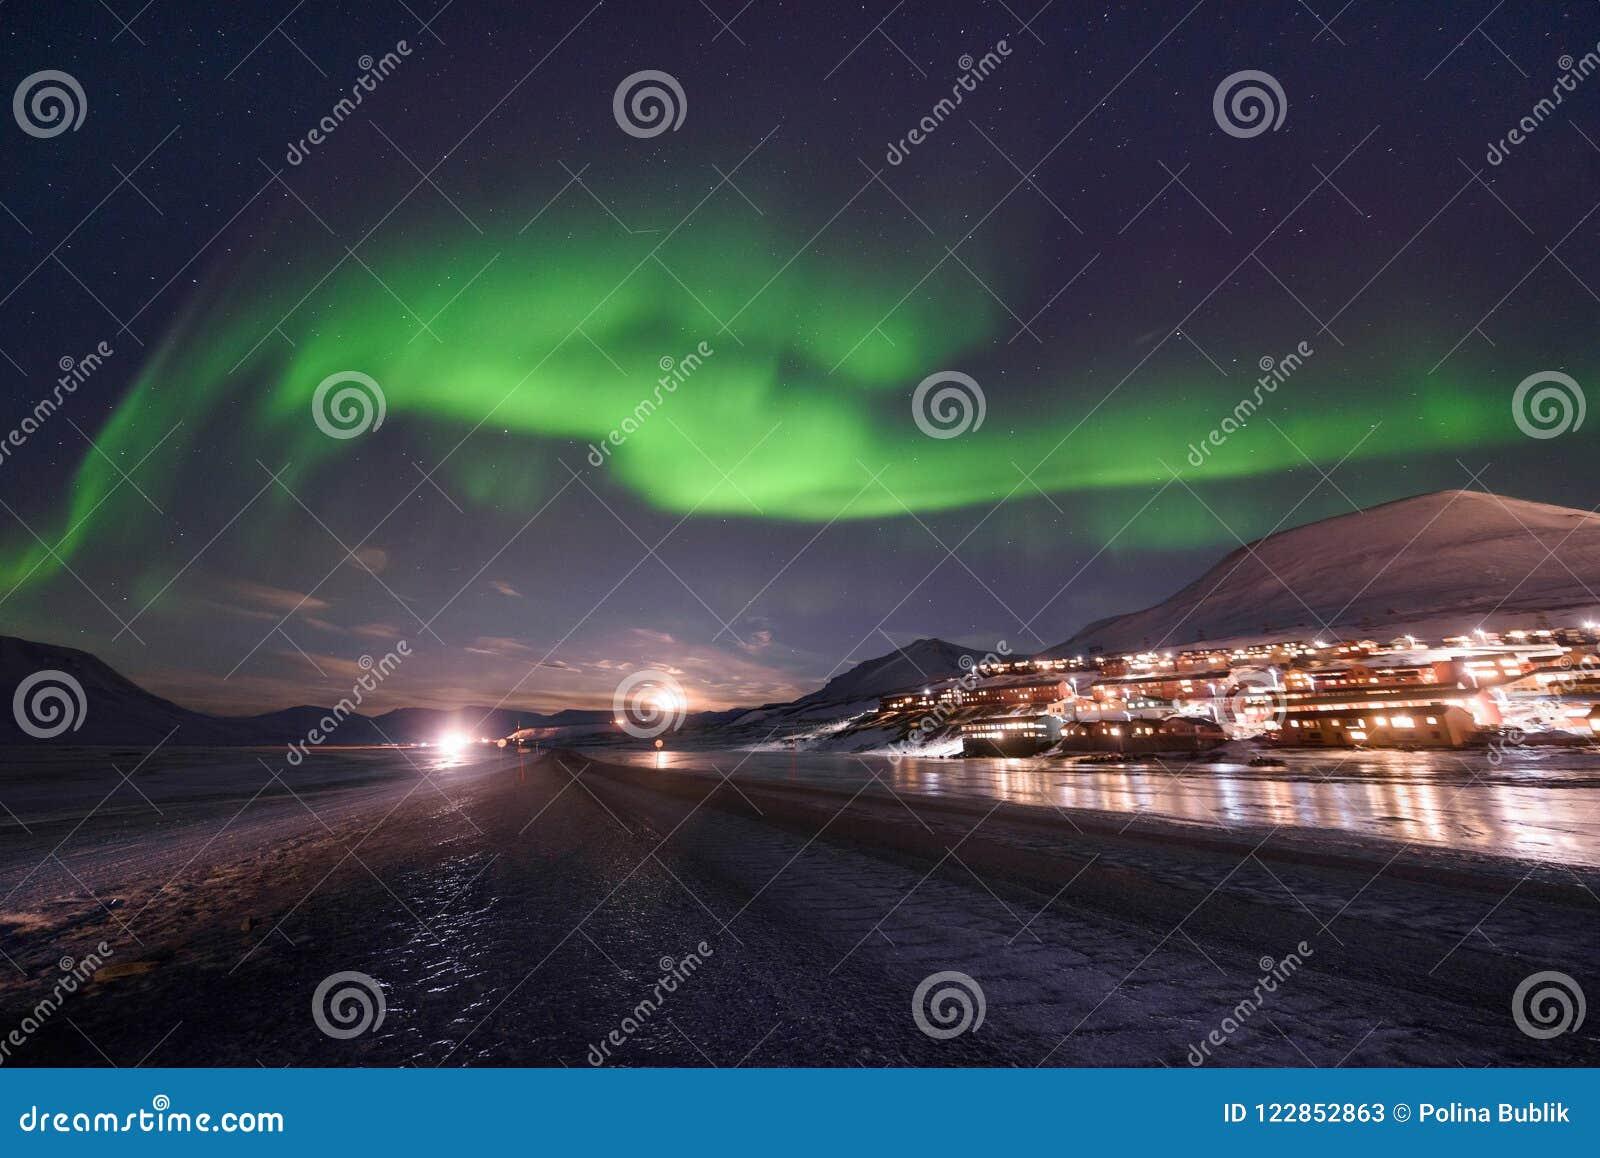 Polaire noordpool Noordelijke de hemelster van het lichtenaurora borealis in Noorwegen Svalbard in Longyearbyen-de bergen van de